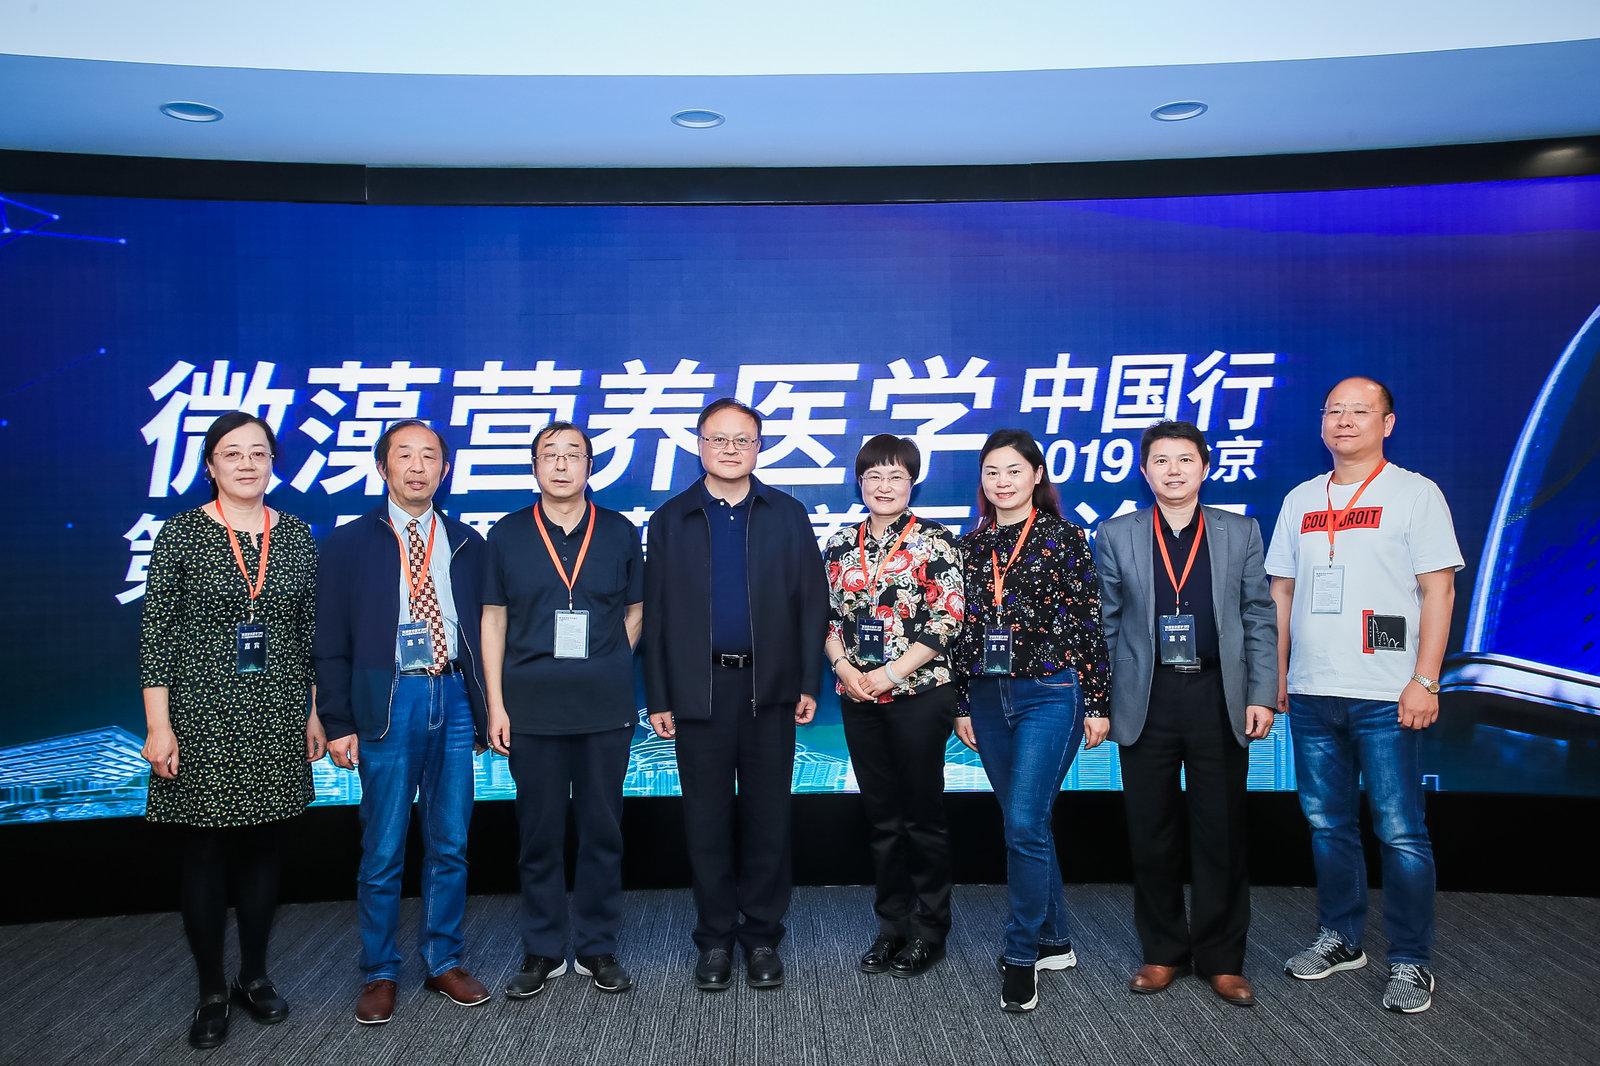 微藻营养医学中国行在京启航 第二届螺旋藻营养医学论坛同步召开